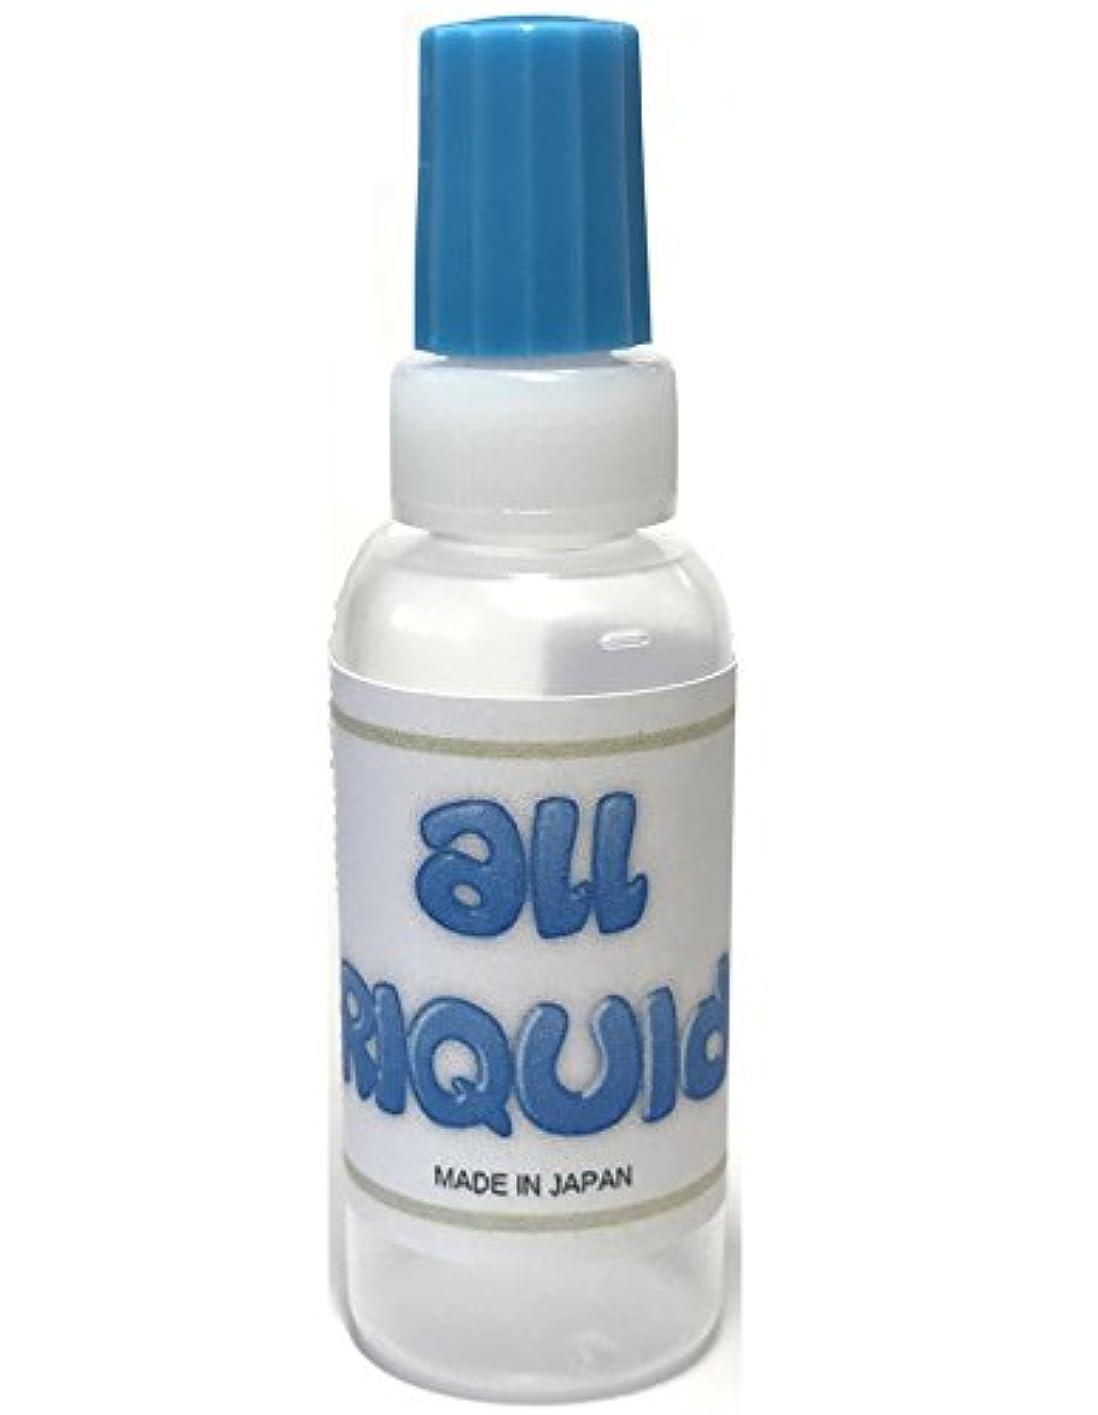 他の日良性バイオリニスト(ALL LIQUID) 国産 バニラ アロマオイル エッセンシャルオイル 20ml 大容量 ボトル容器